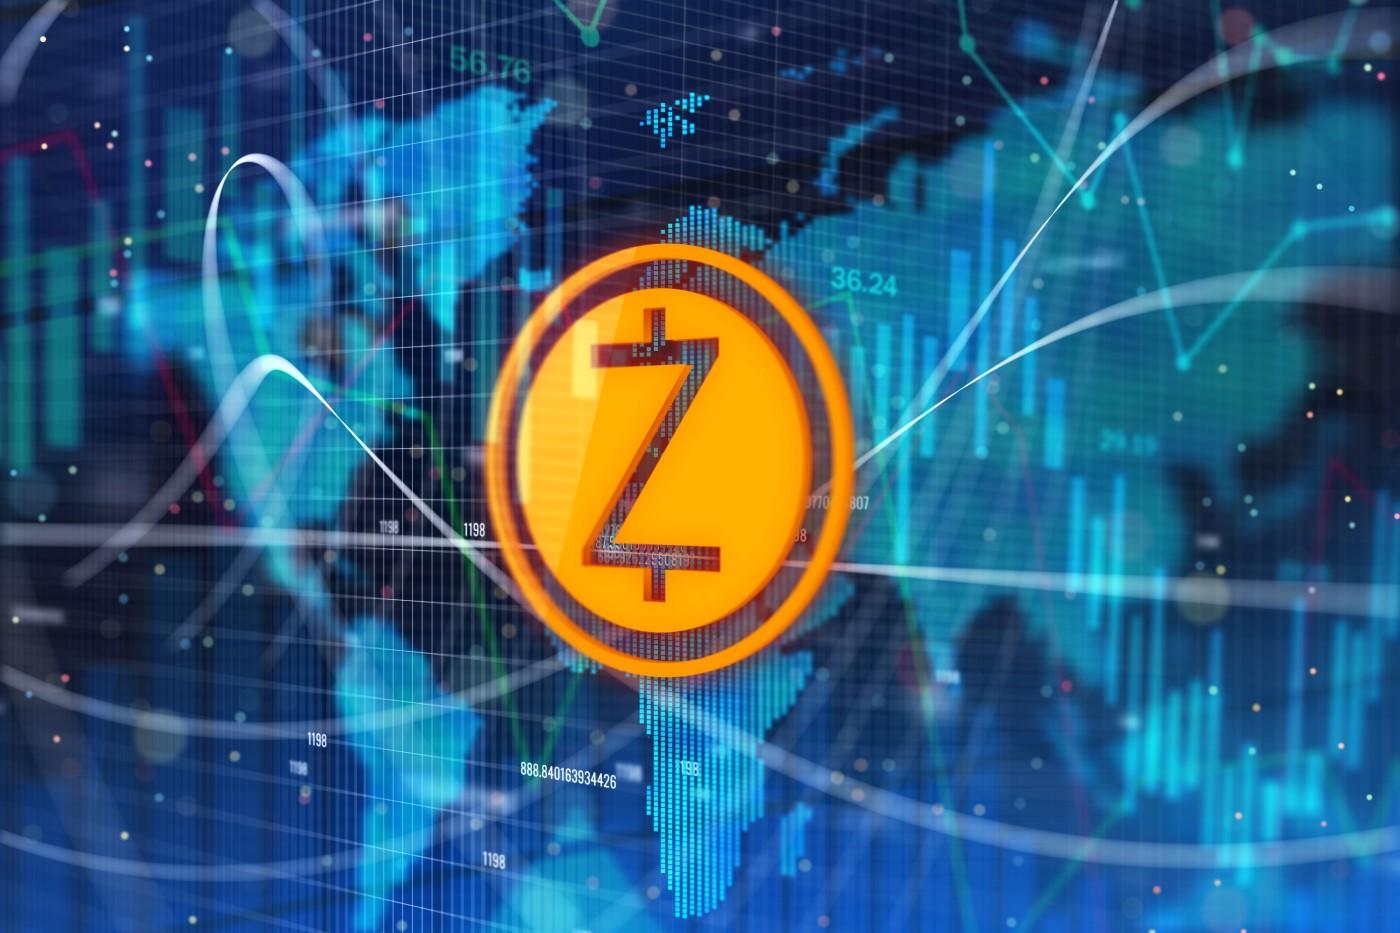 criptonoticias.com - Miguel Arroyo - Algunas novedades que la actualización Blossom traerá a Zcash en 2019 | CriptoNoticias - Bitcoin, Blockchain, criptomonedas